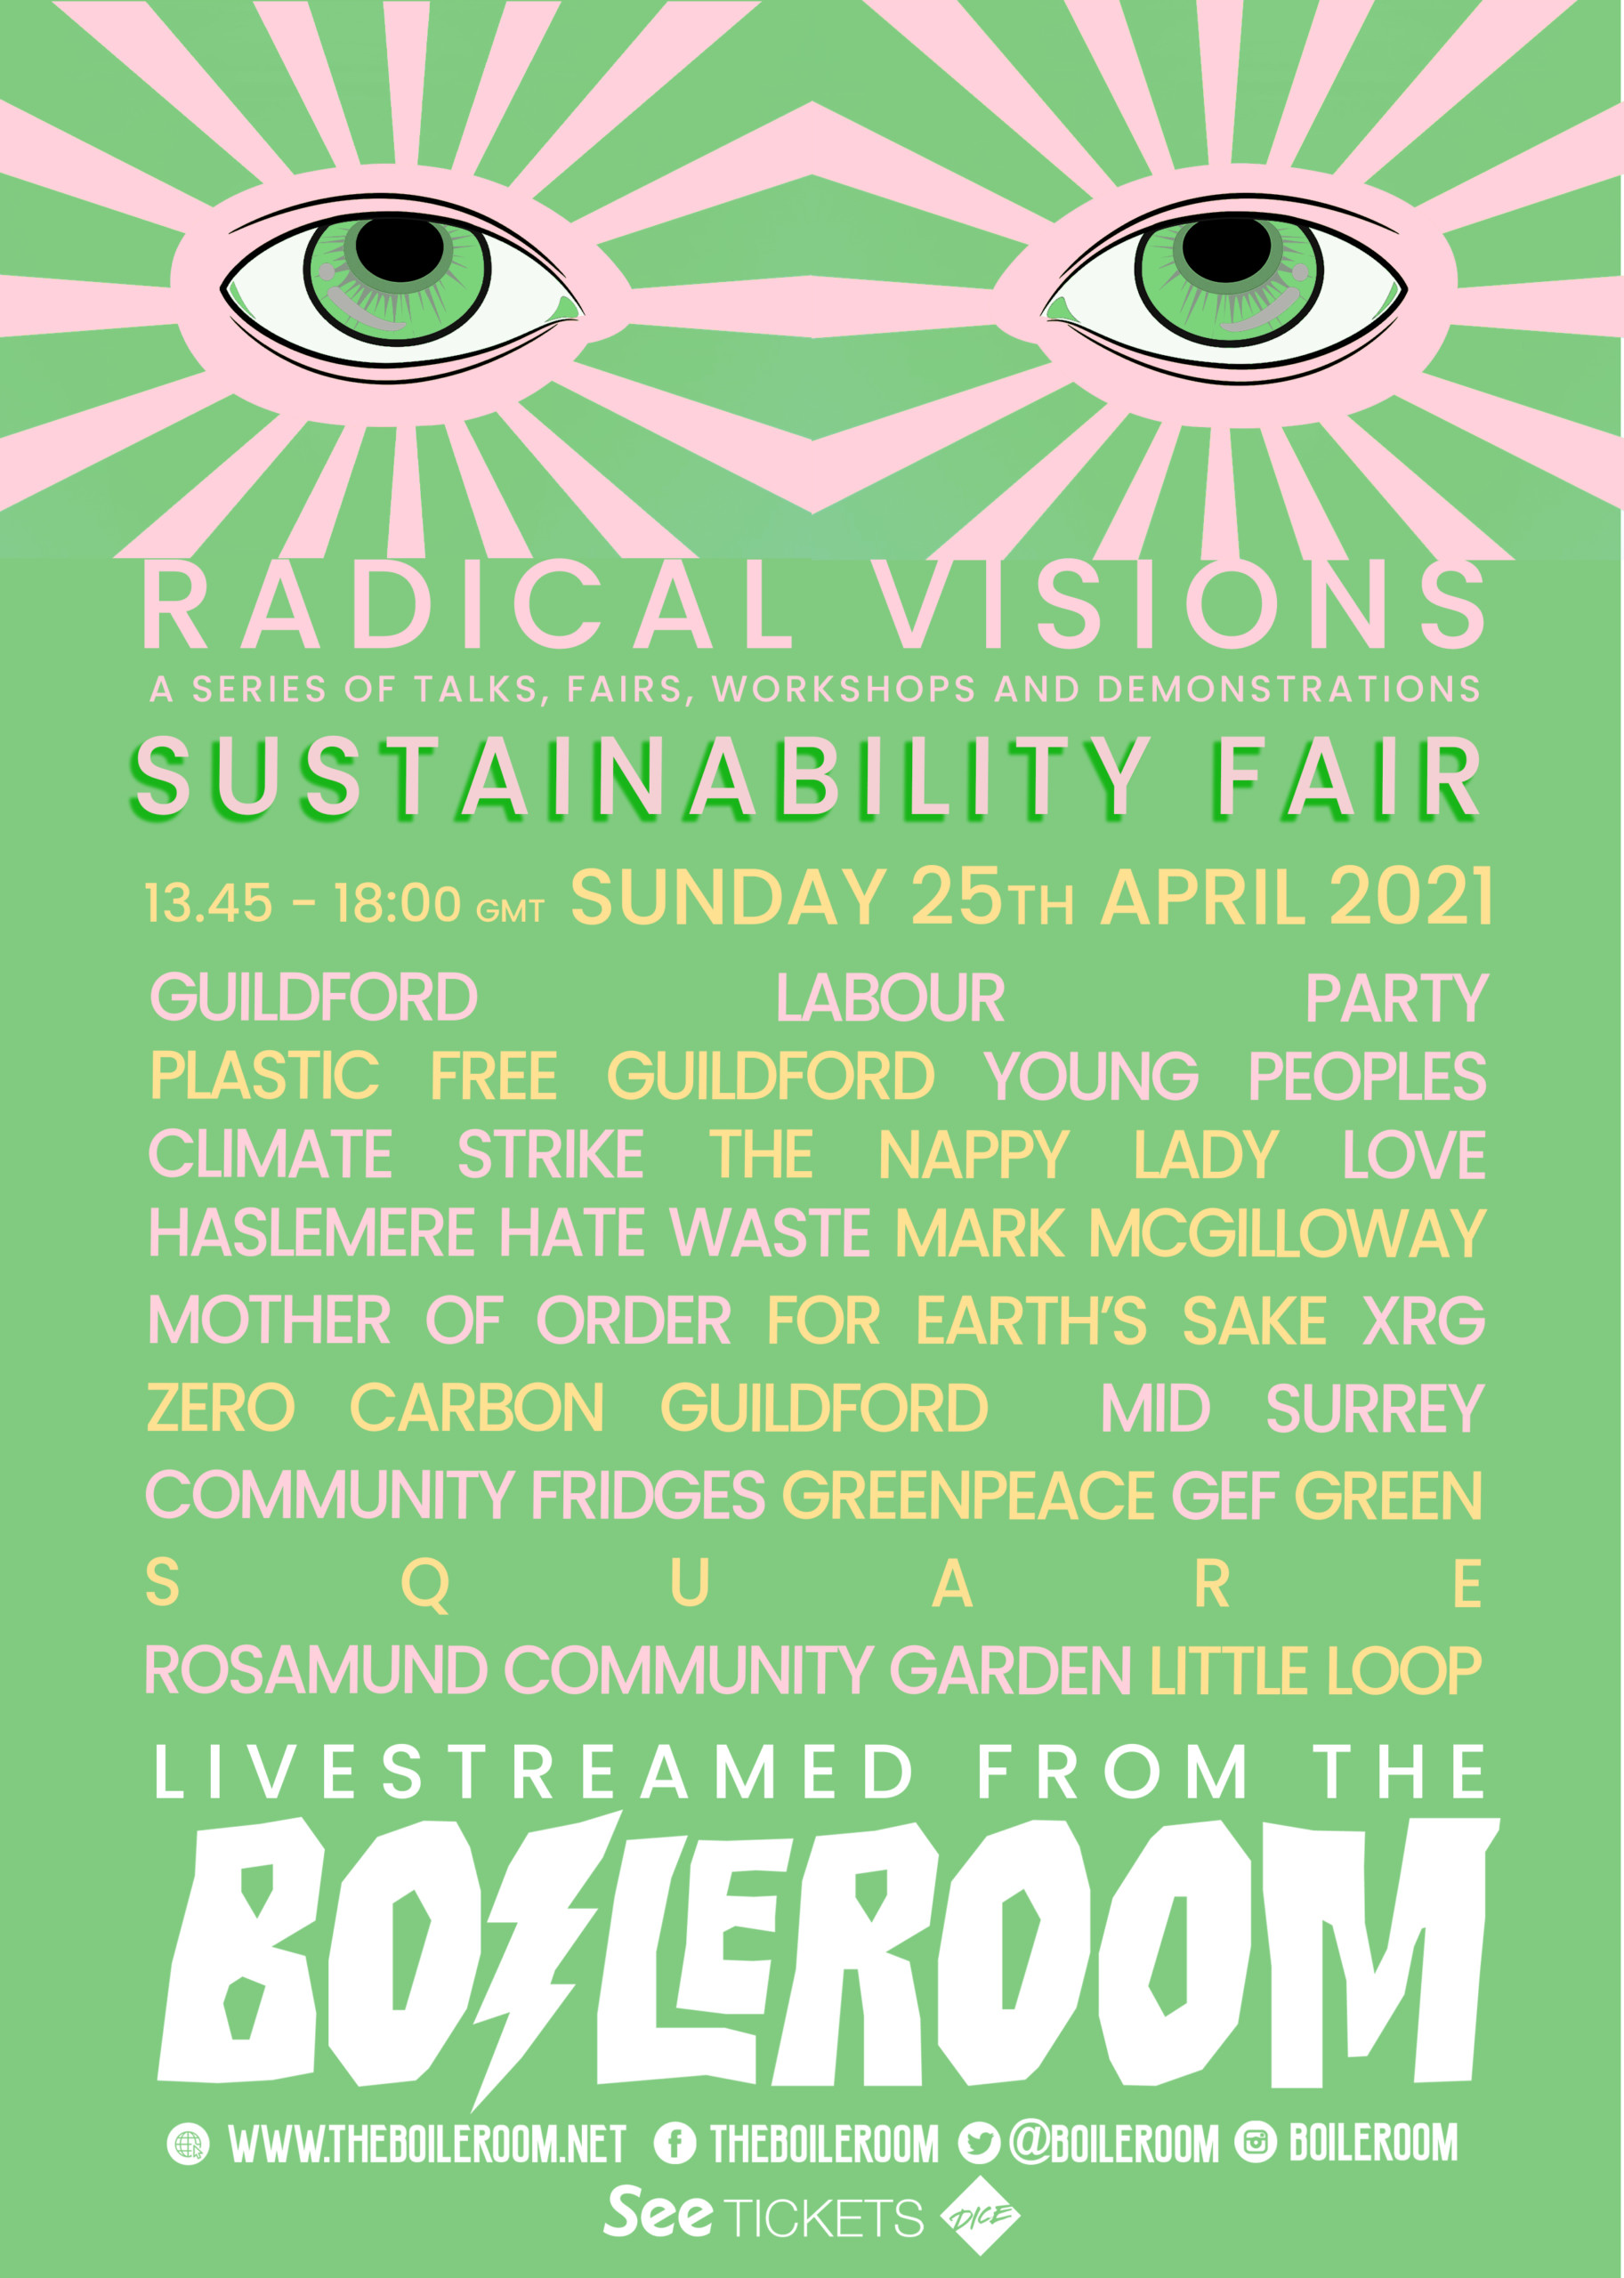 Sustainability Fair- The Boileroom